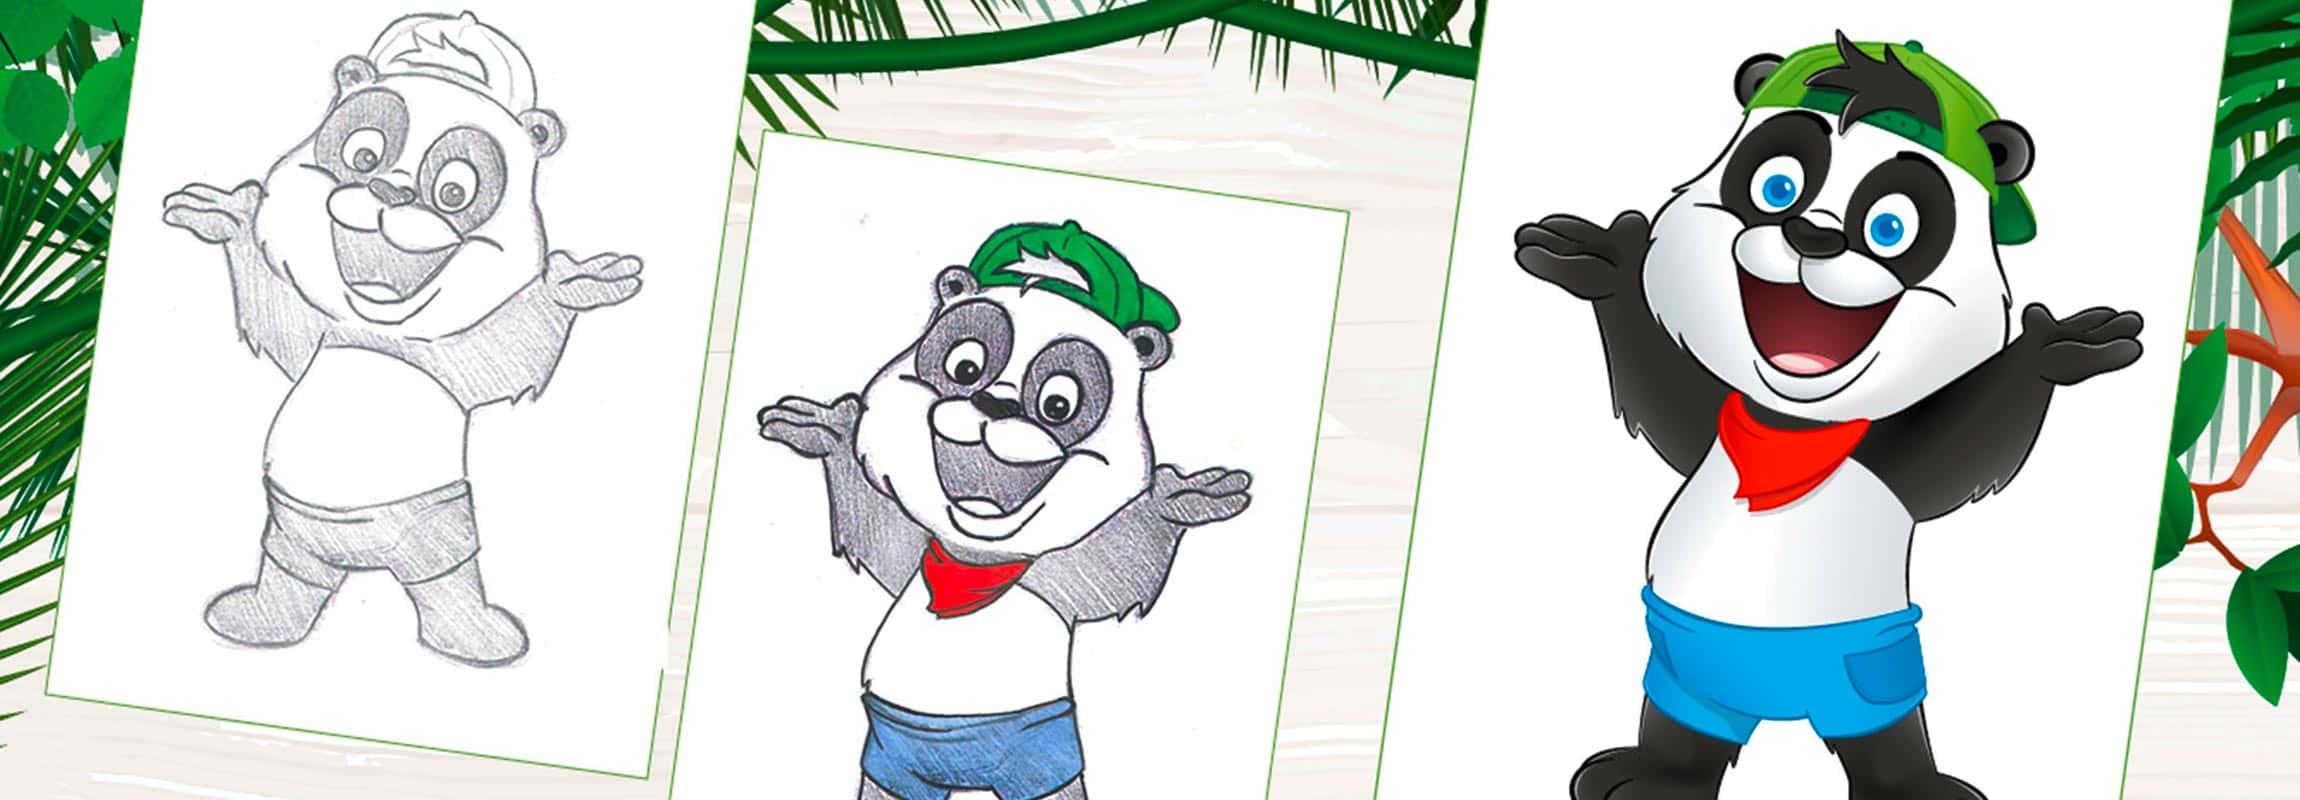 Panda-Logo-Indoorspielplatz